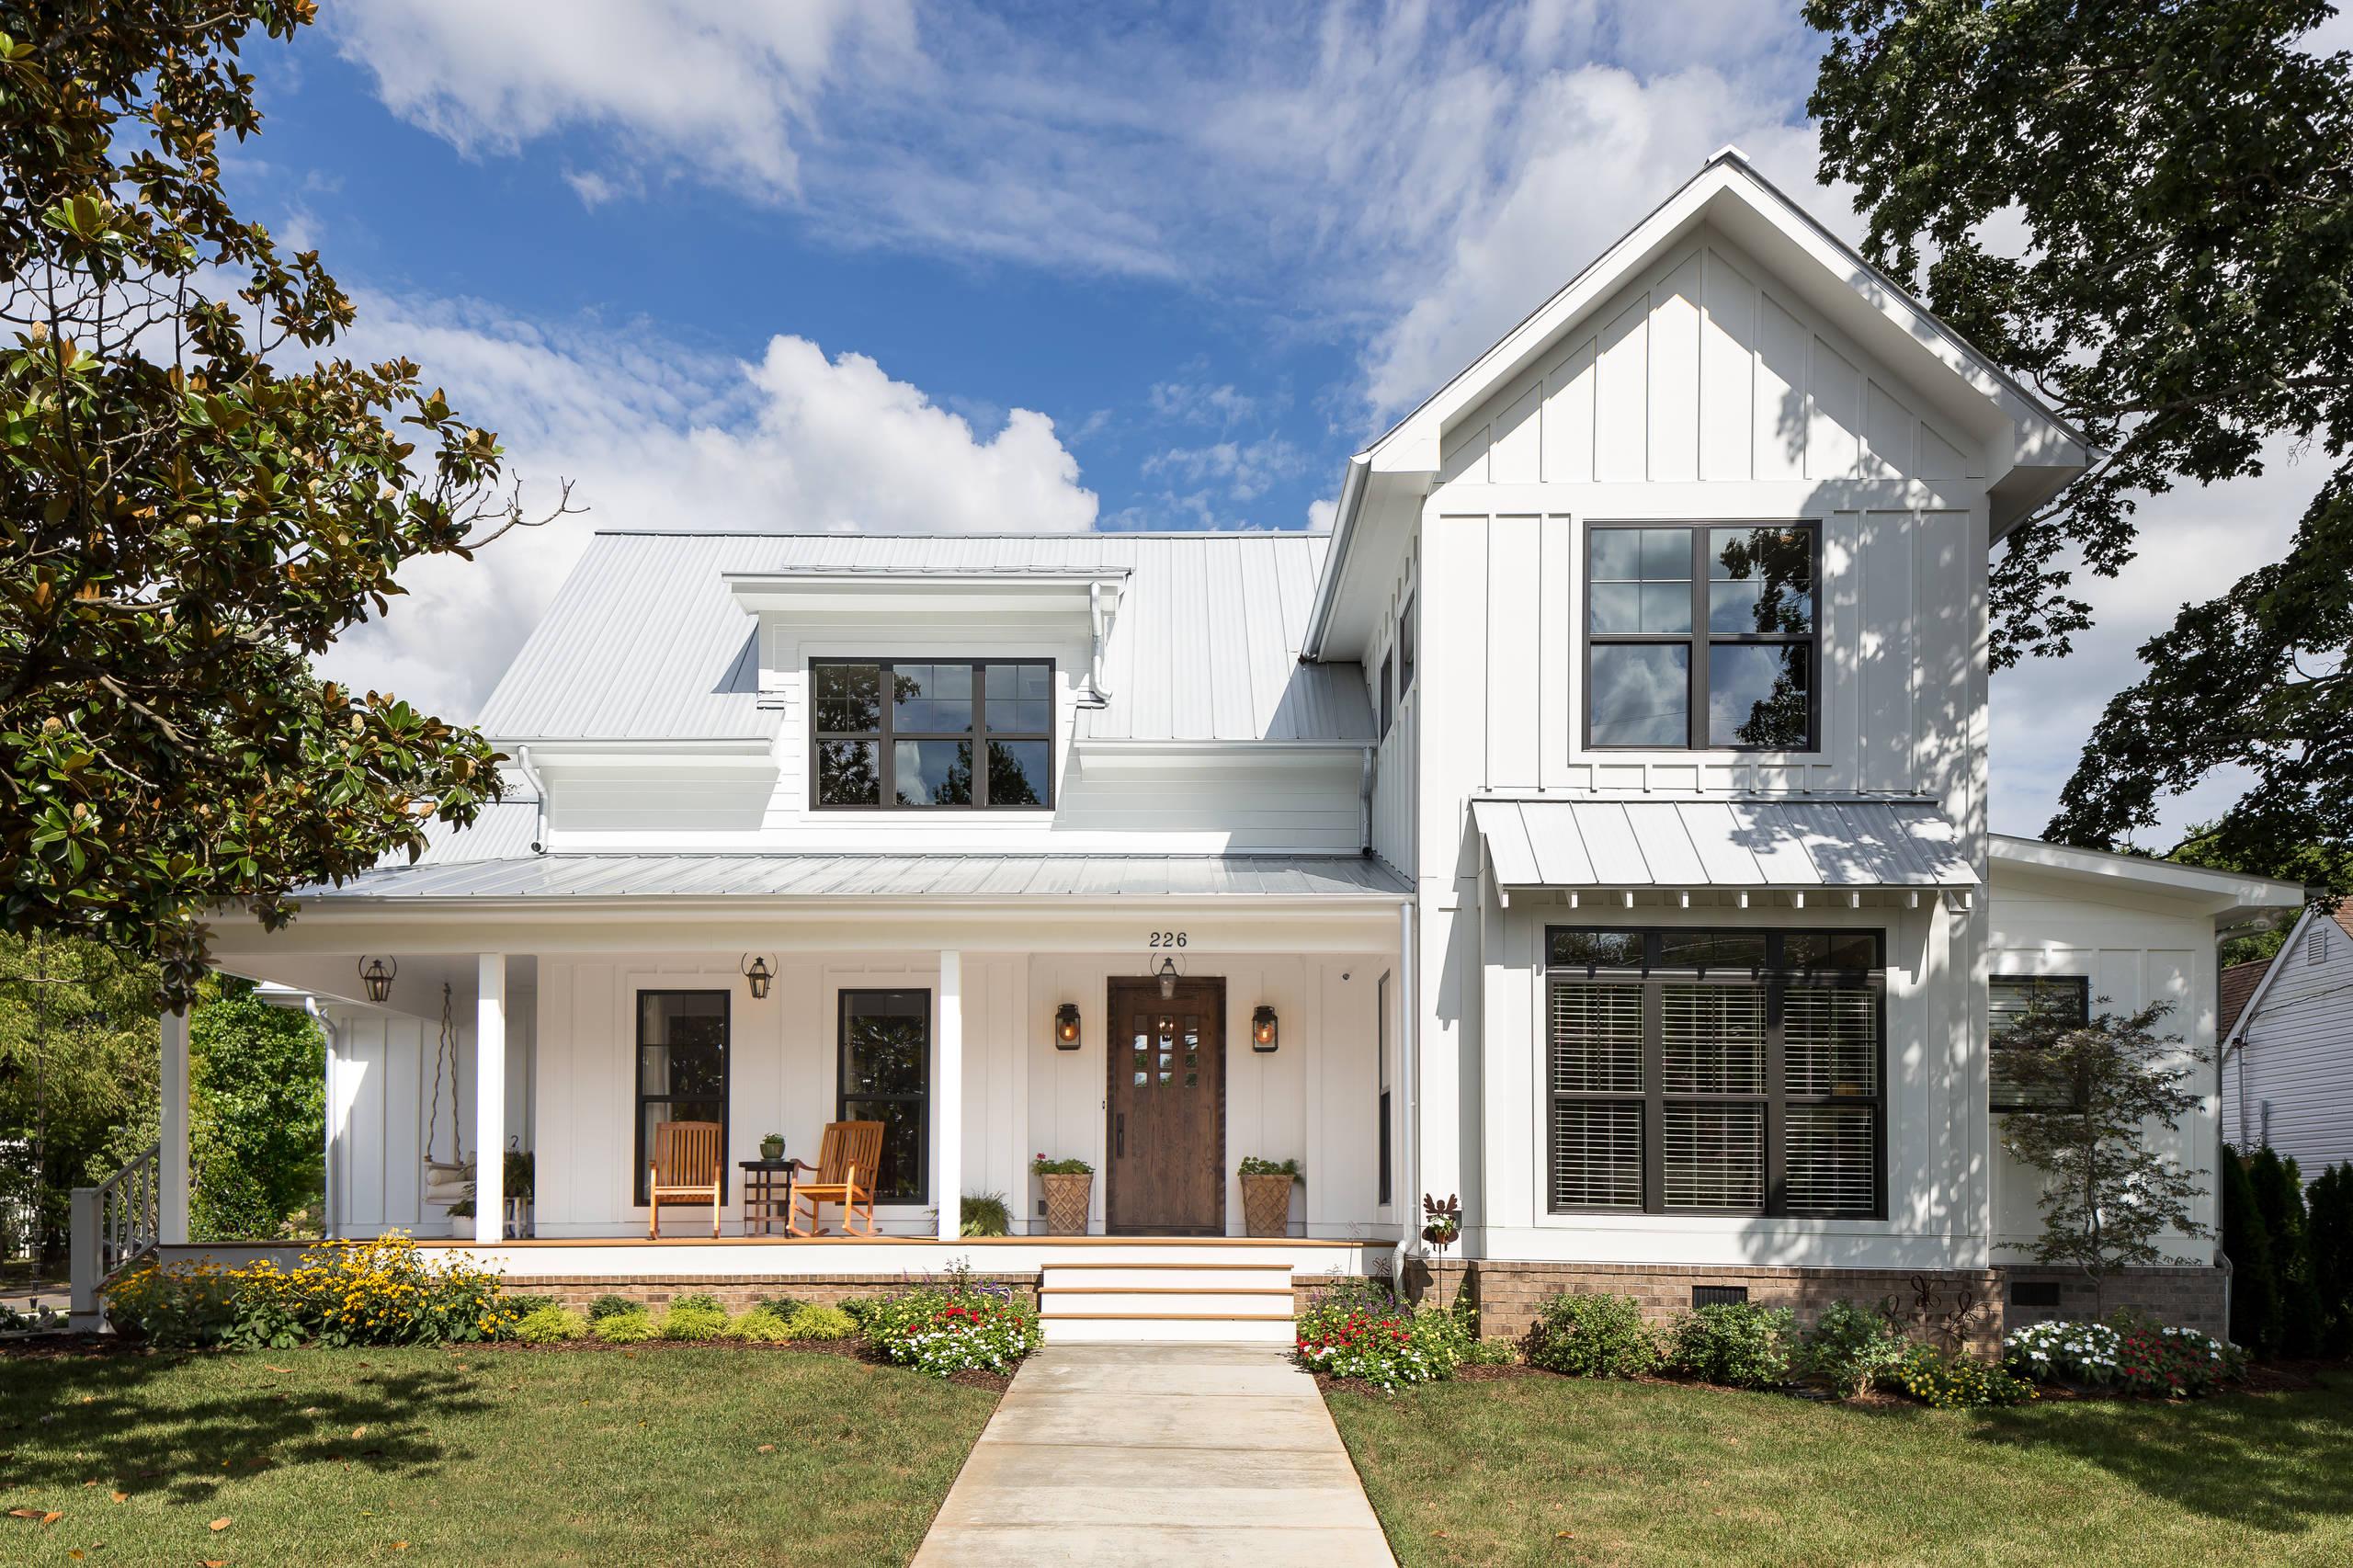 дизайн частного дома в белом цвете фото отлично